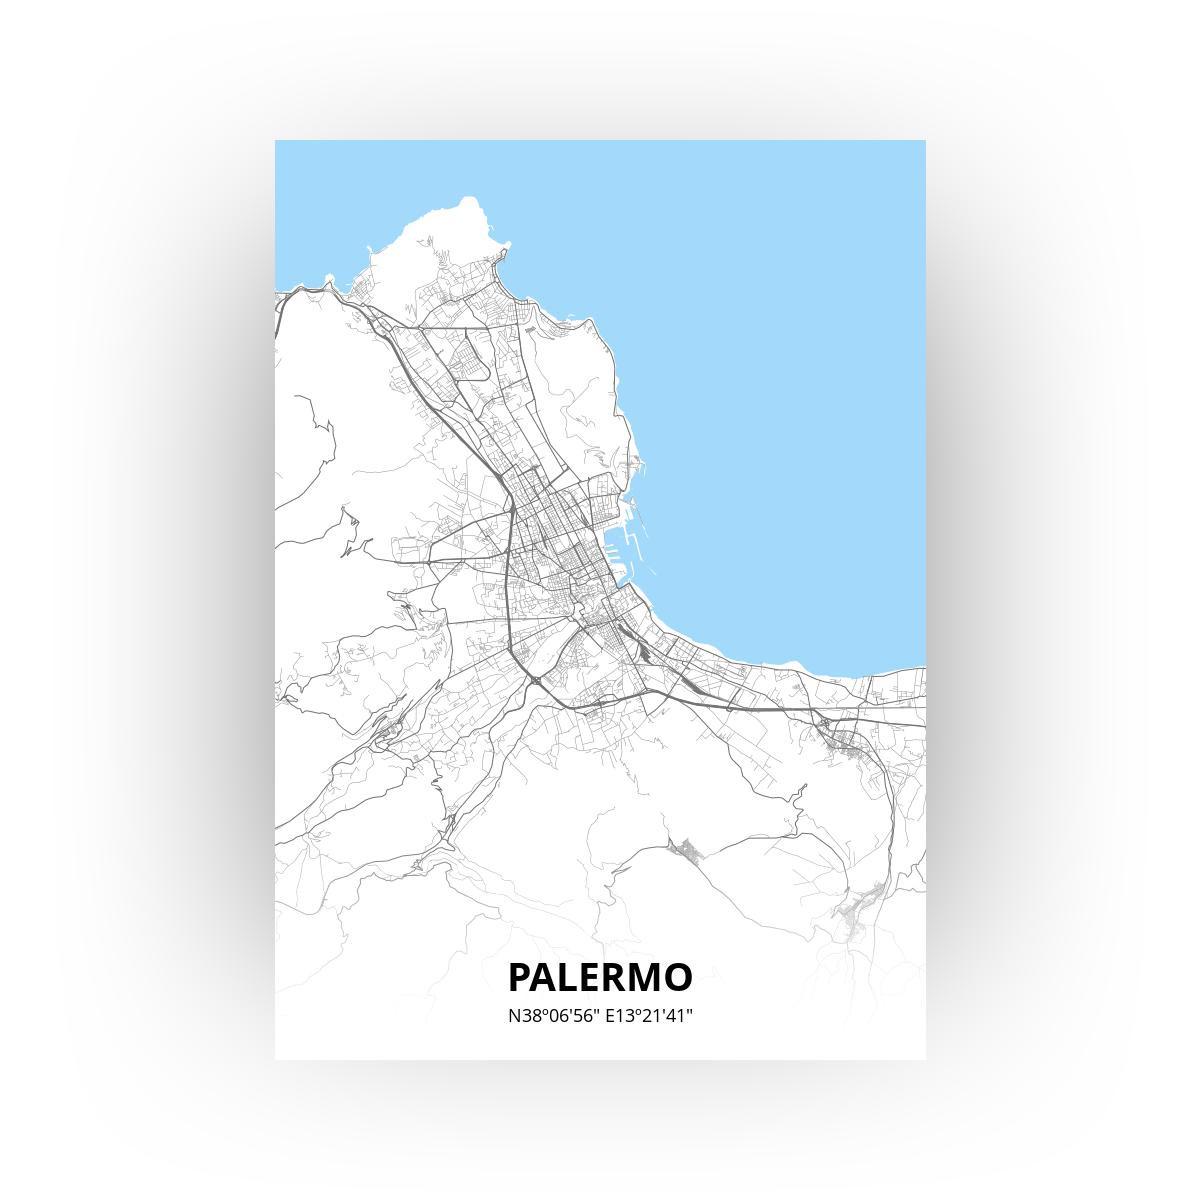 Palermo poster - Zelf aan te passen!